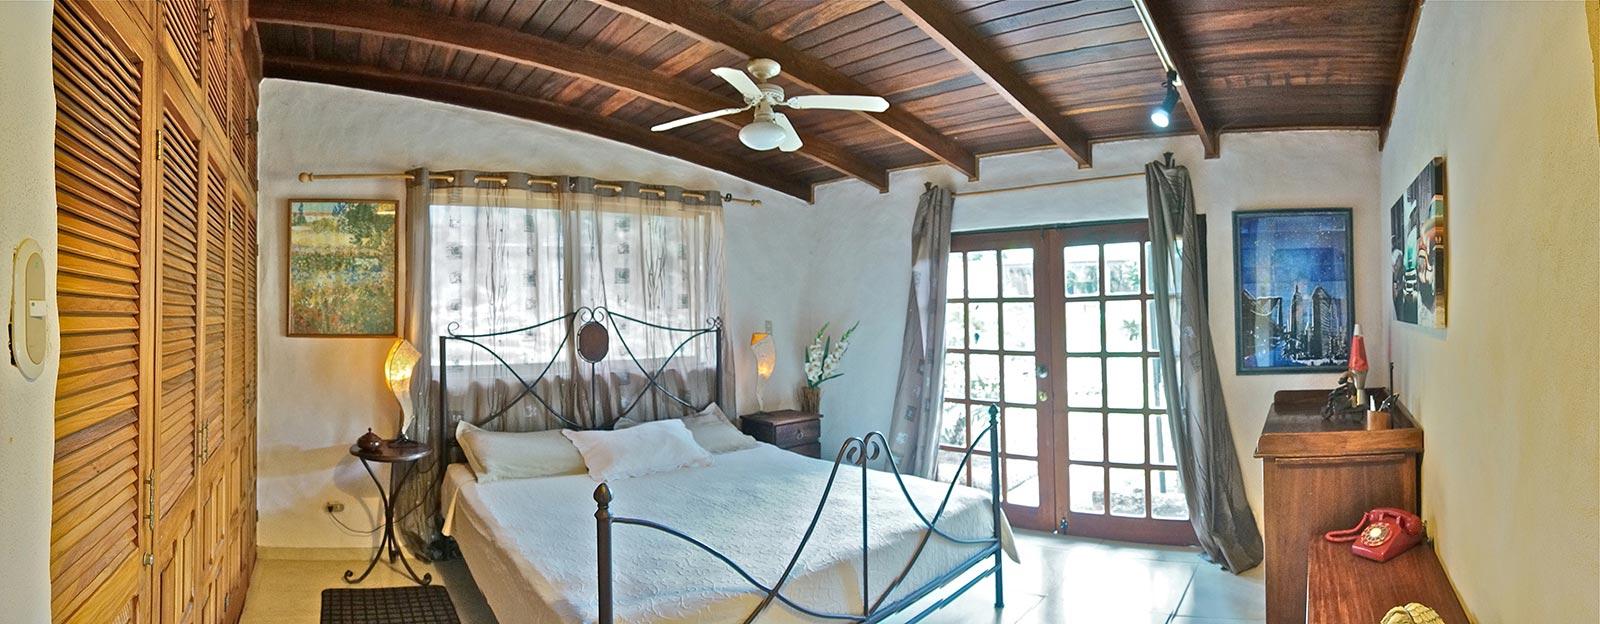 Quinta Santa Ana Spanish Hacienda Style Home Id Code 3254